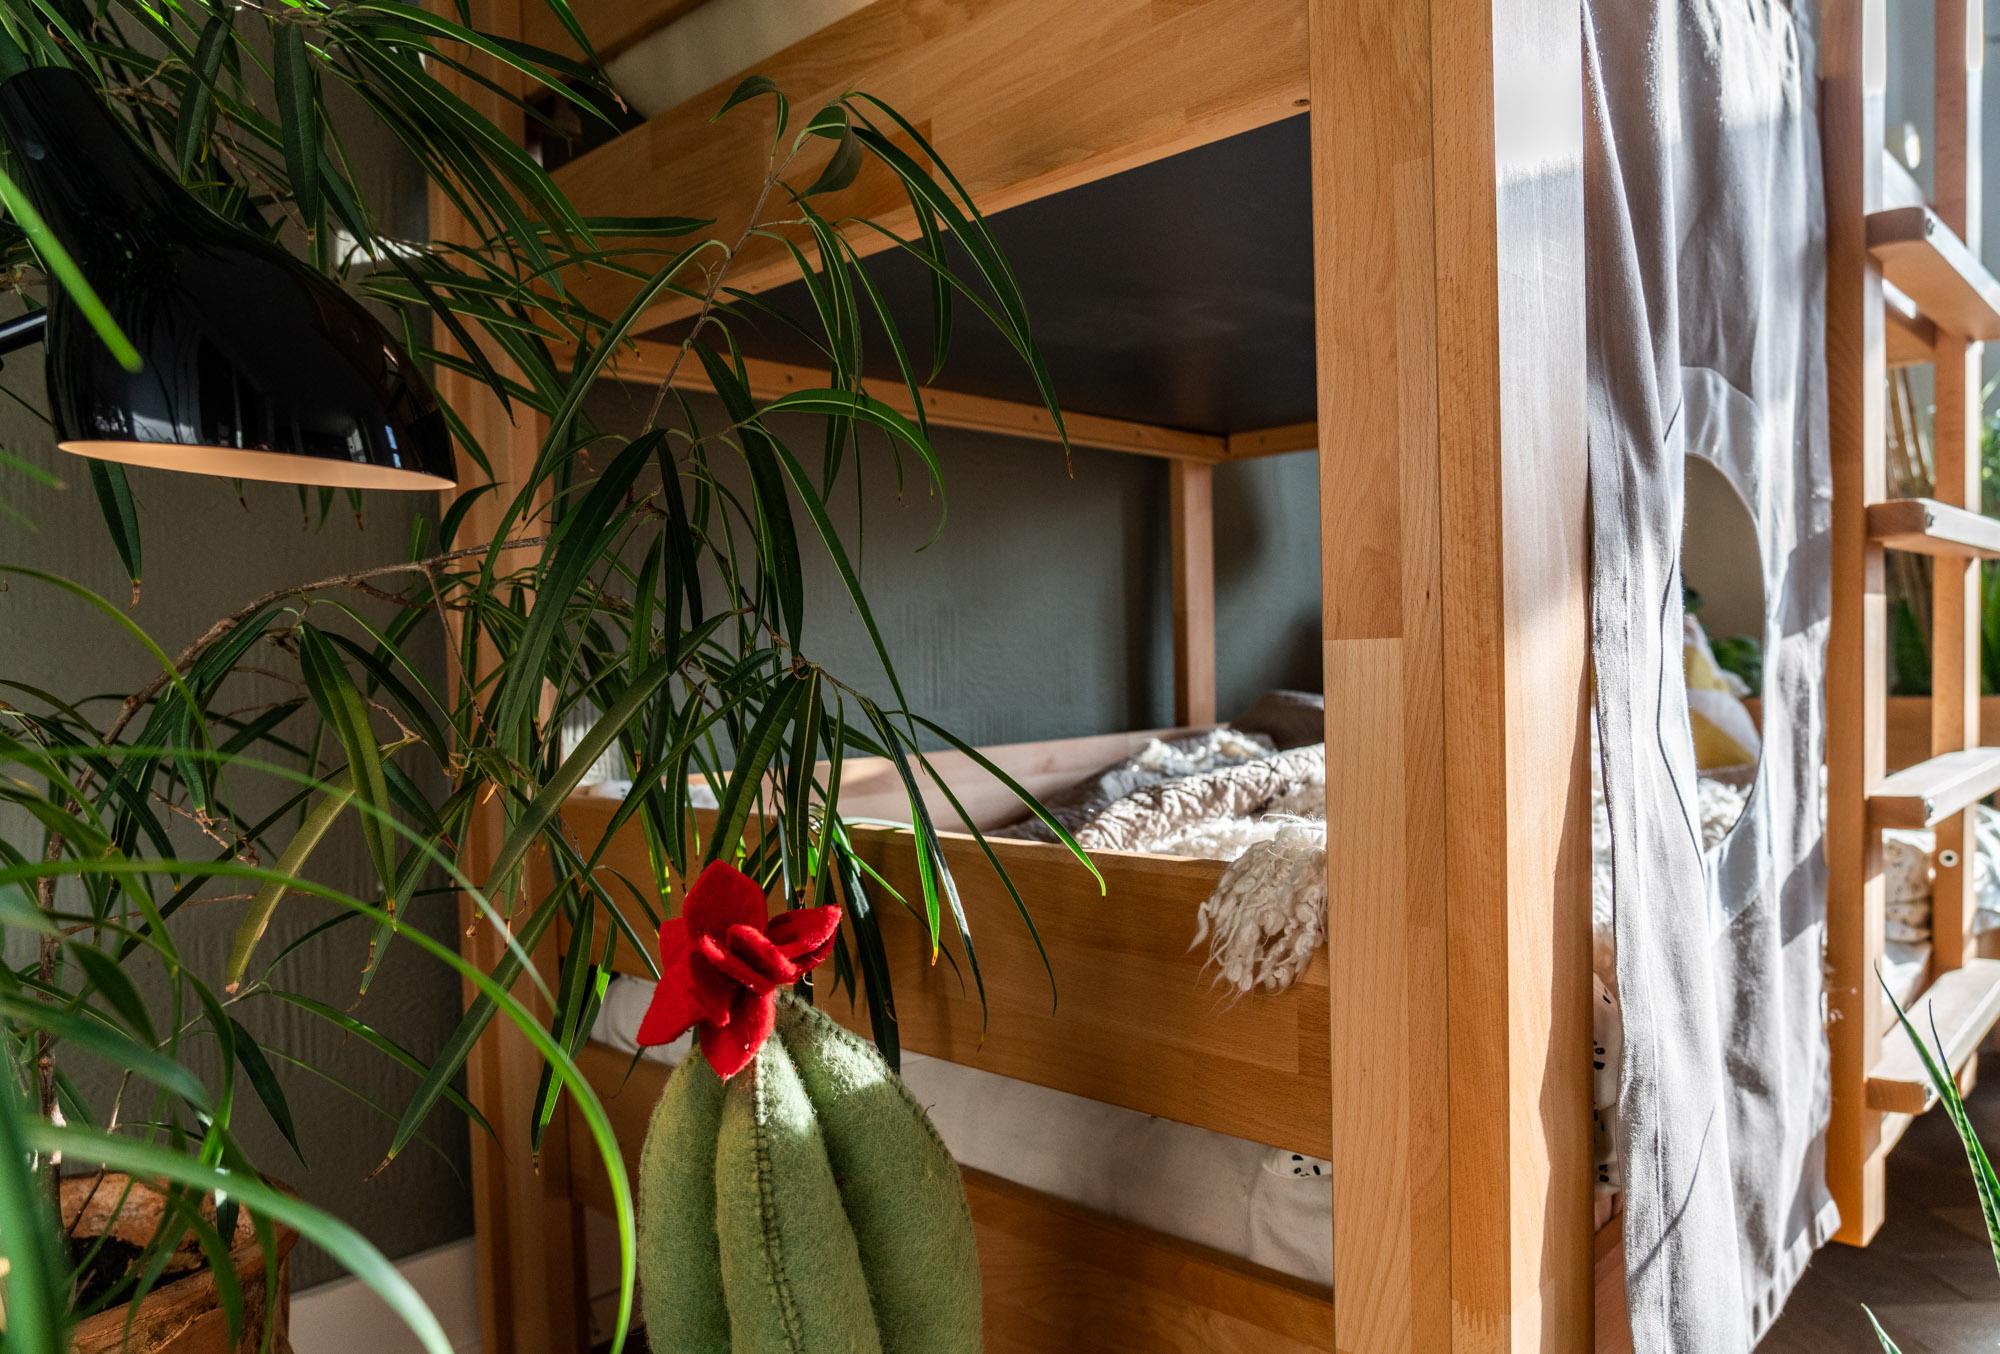 Baumhausbett natur Impressionen